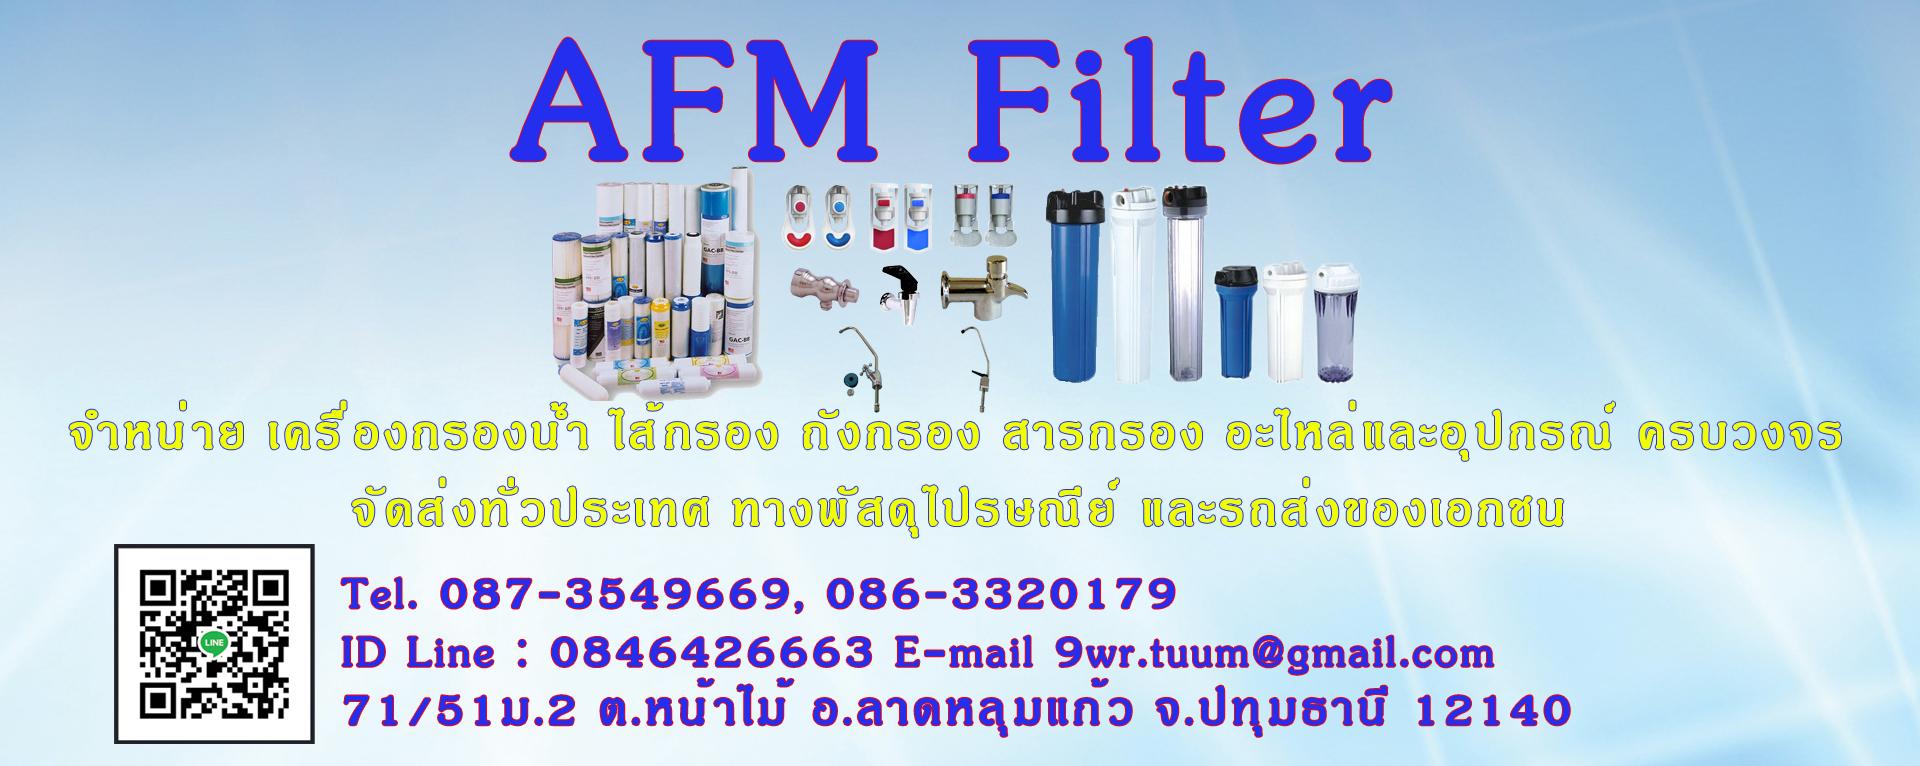 AFM Filtershop